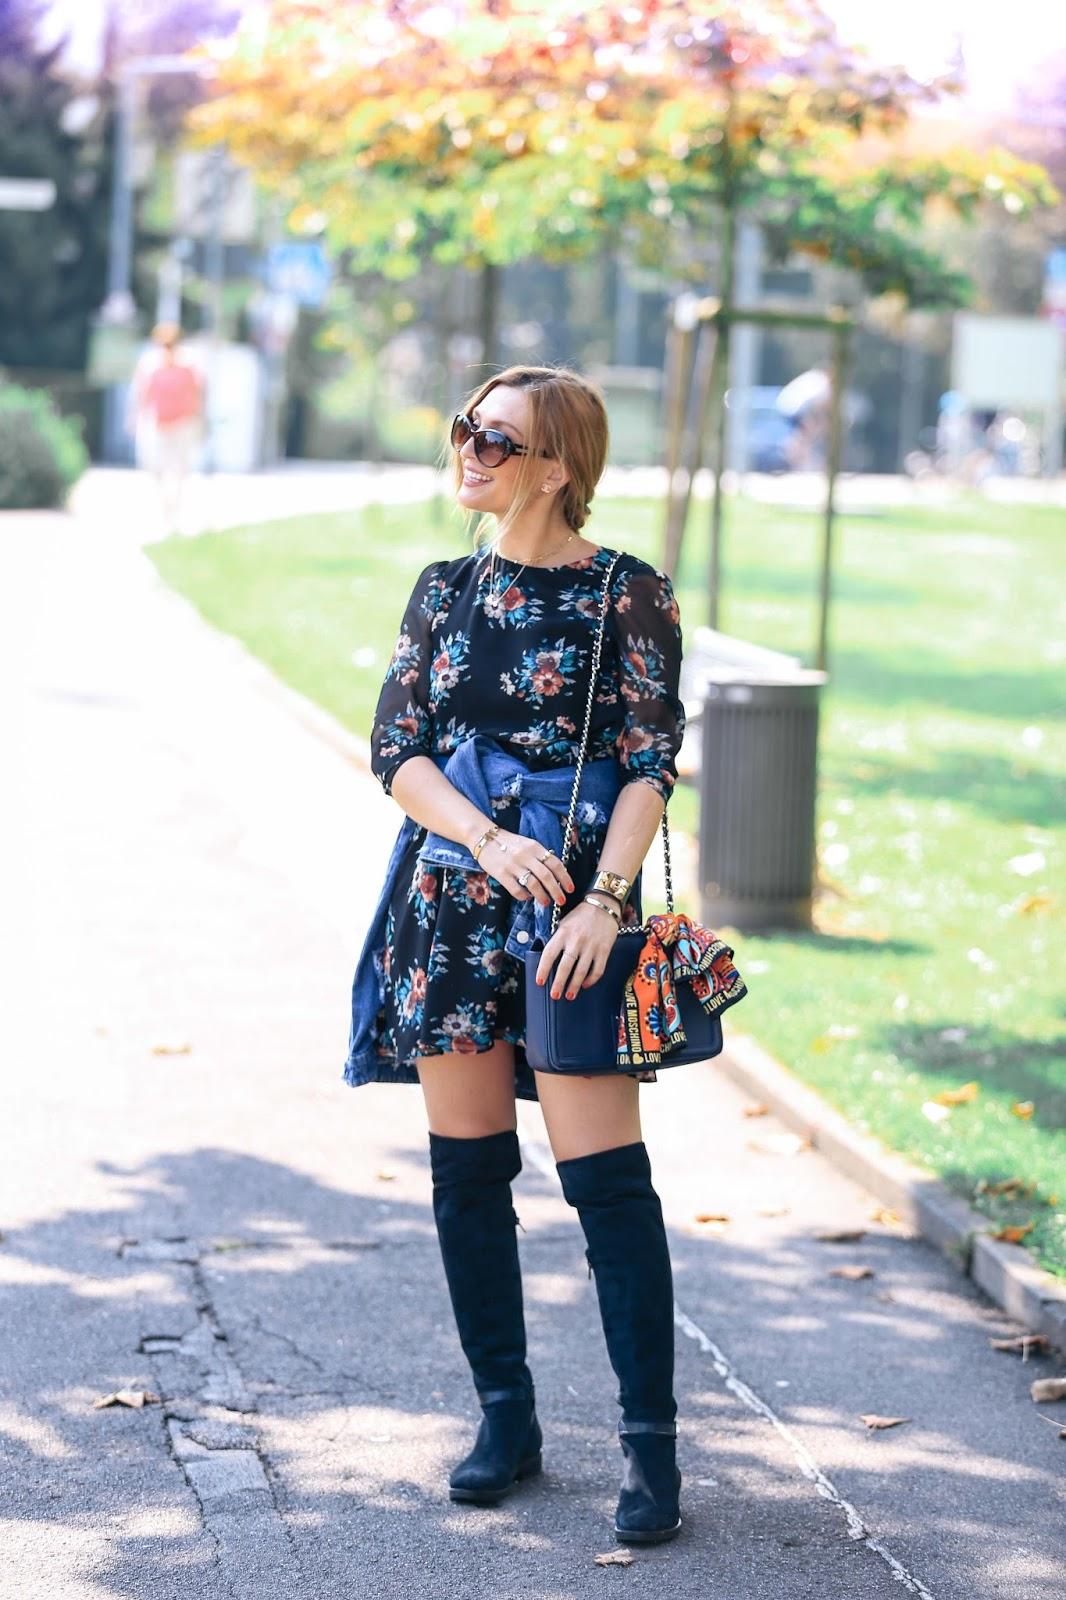 Blogger-herbst-outfuit-Fashionblogger-aus-deutschland-deutsche-blogger-fashionstylebyjohanna -konstantin-starke-schuhe